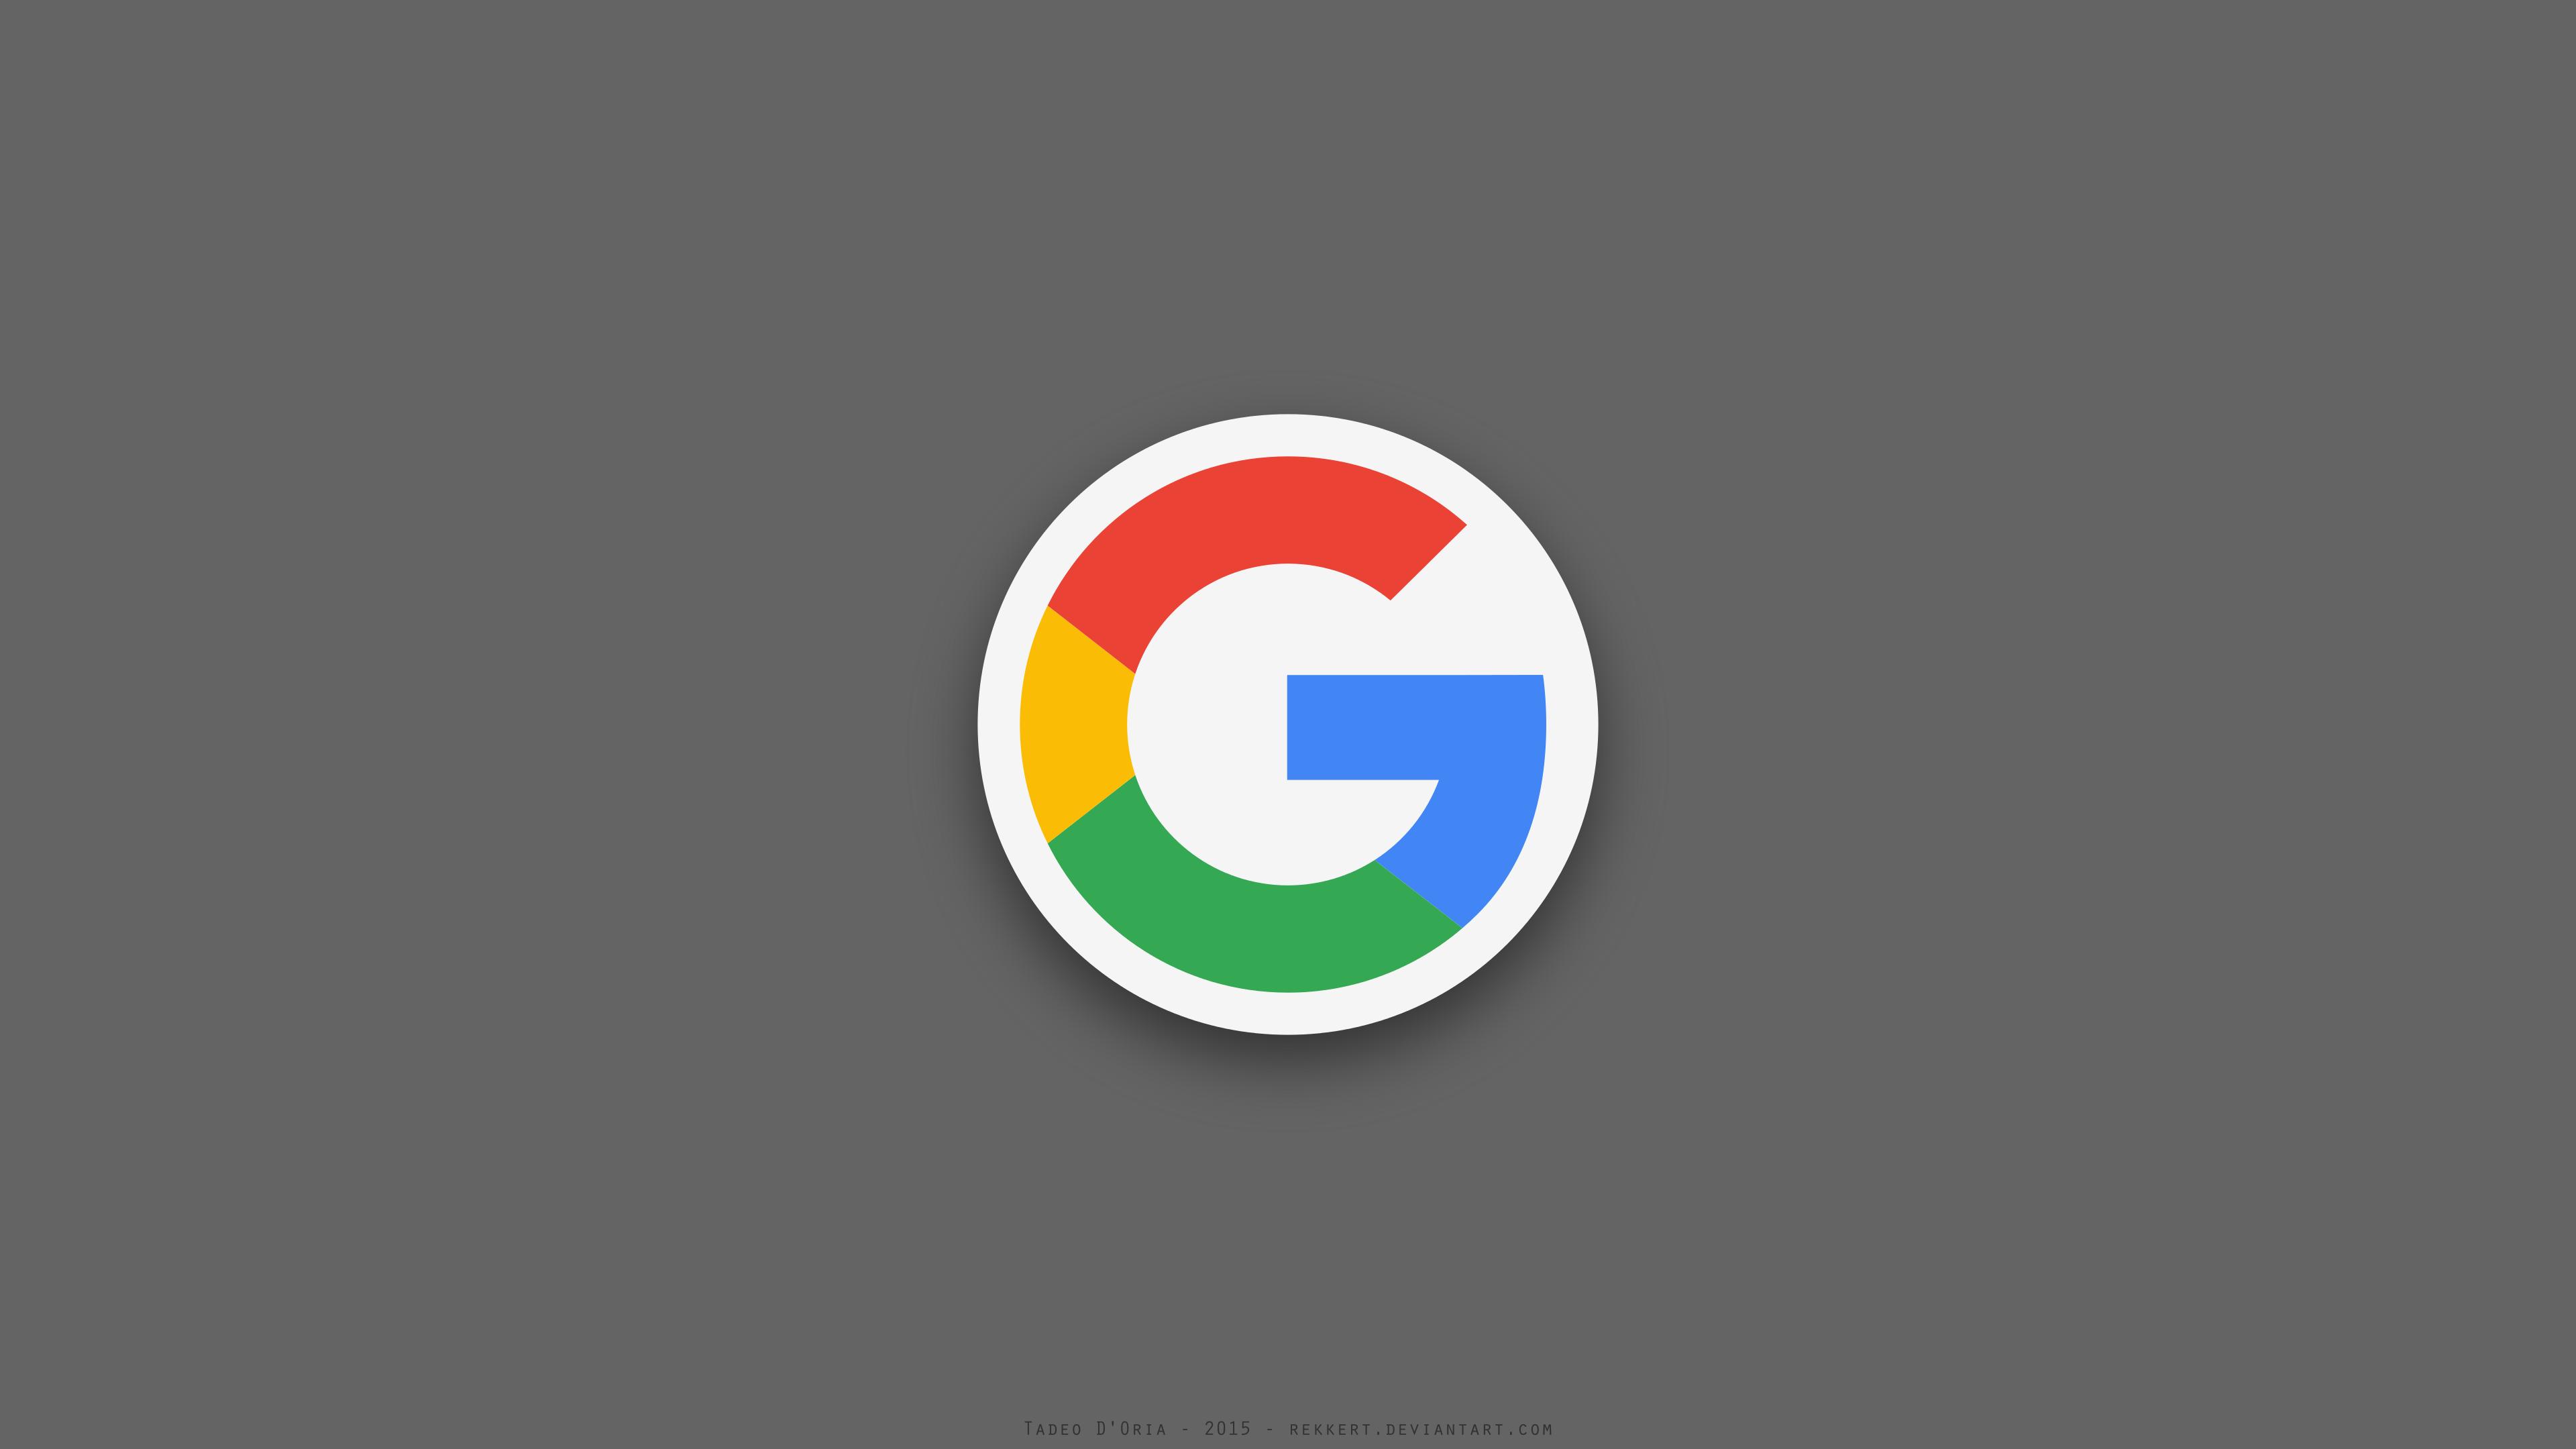 Interesting HD Google Wallpaper Check more at